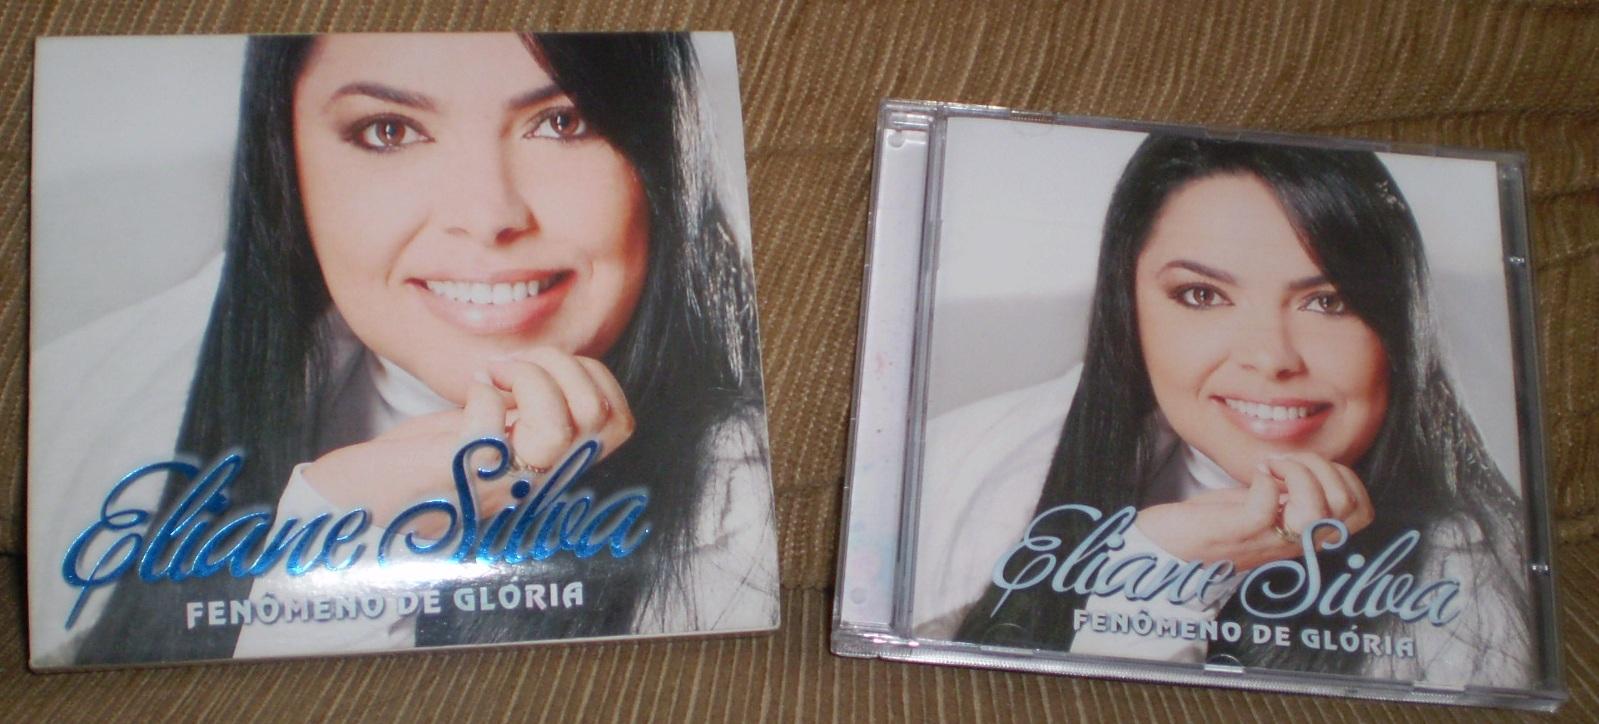 cd eliane silva fenomeno de gloria 2010